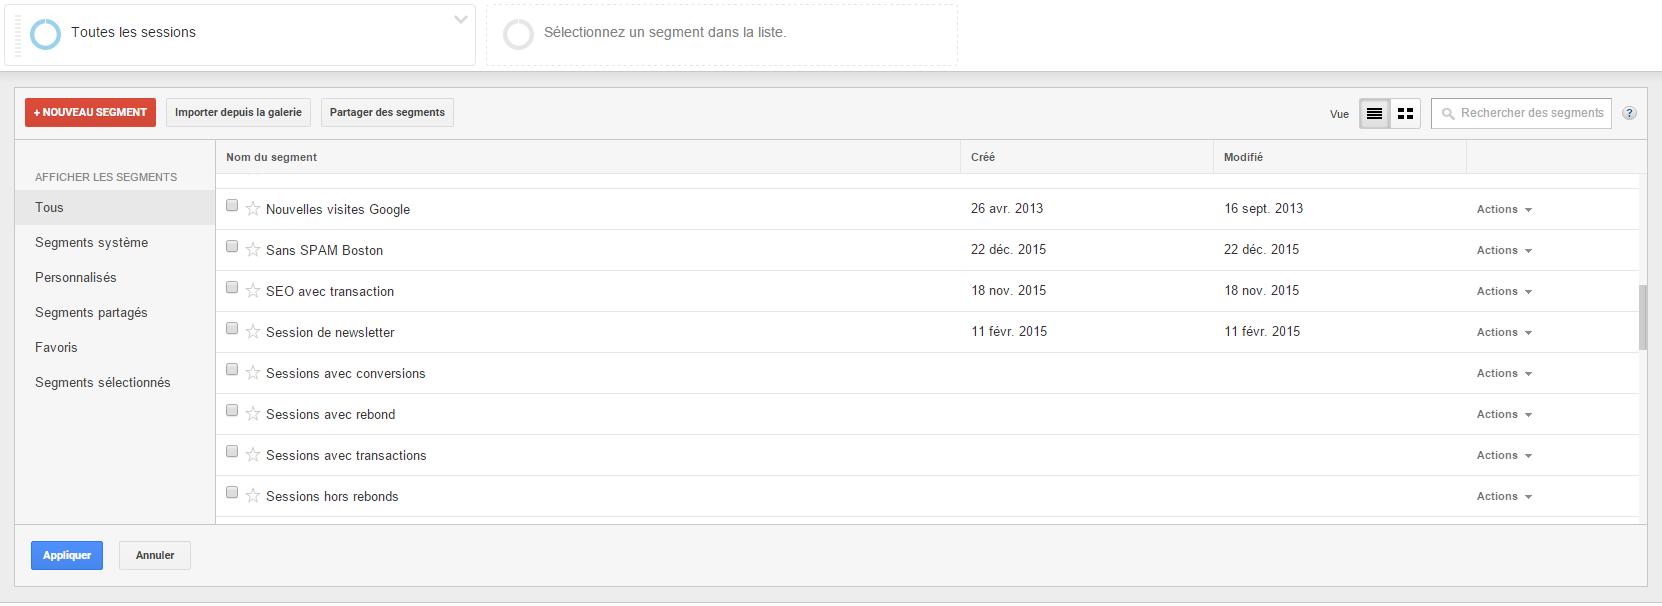 Cliquer sur le bouton rouge pour créer un segment dans Google Analytics